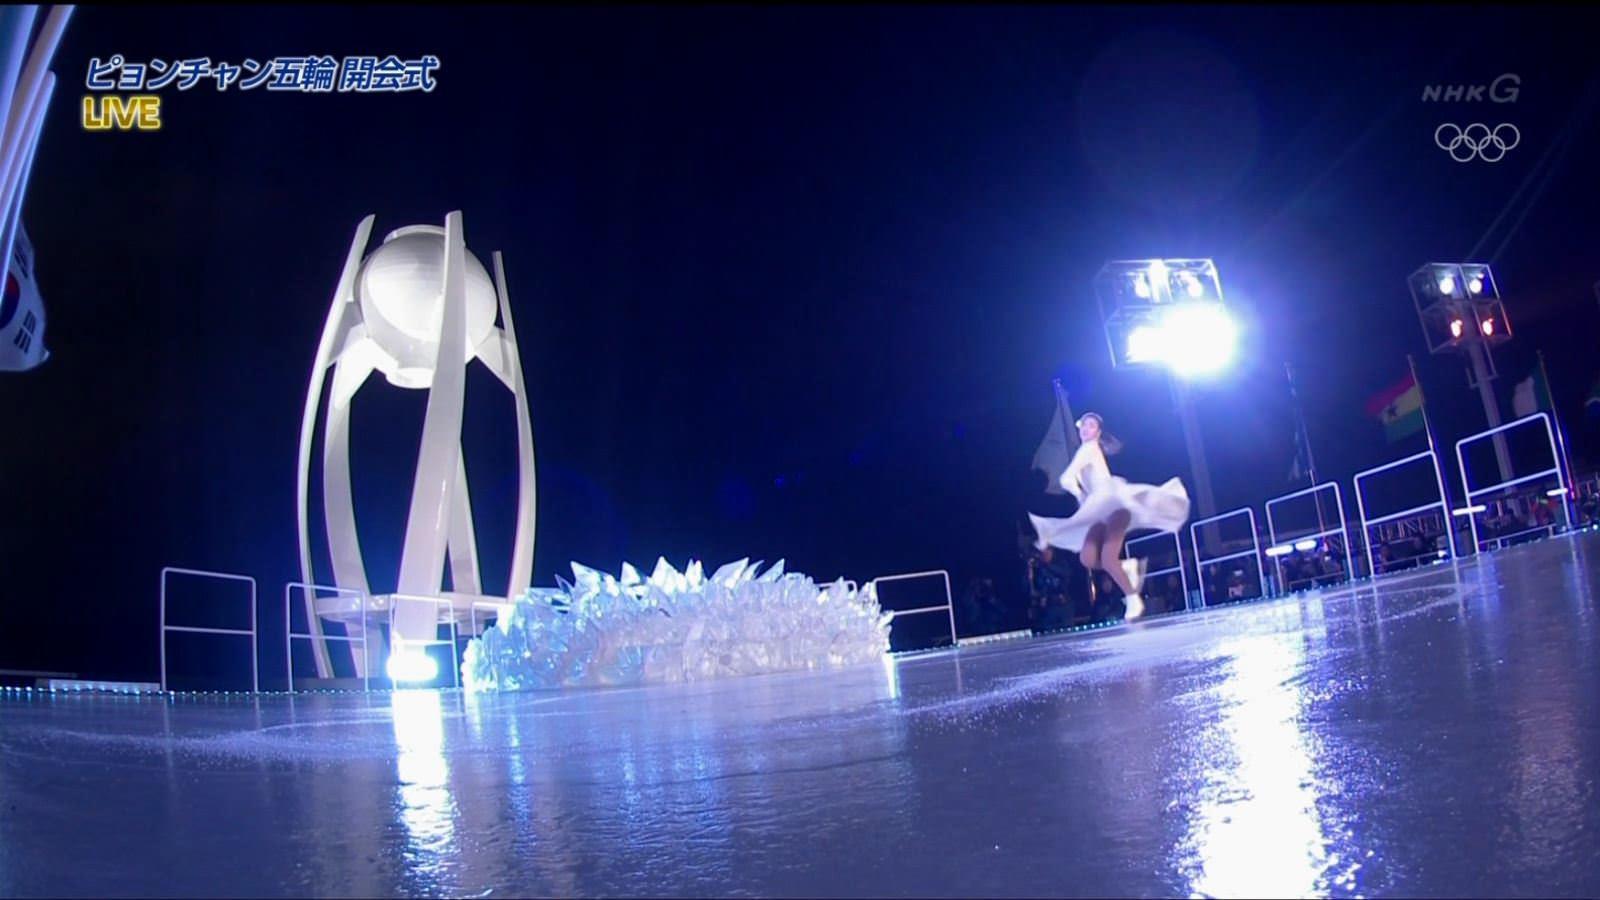 (ムービーあり)キムヨナがオリンピック開会式でガチパンツがもろ見えハプニング